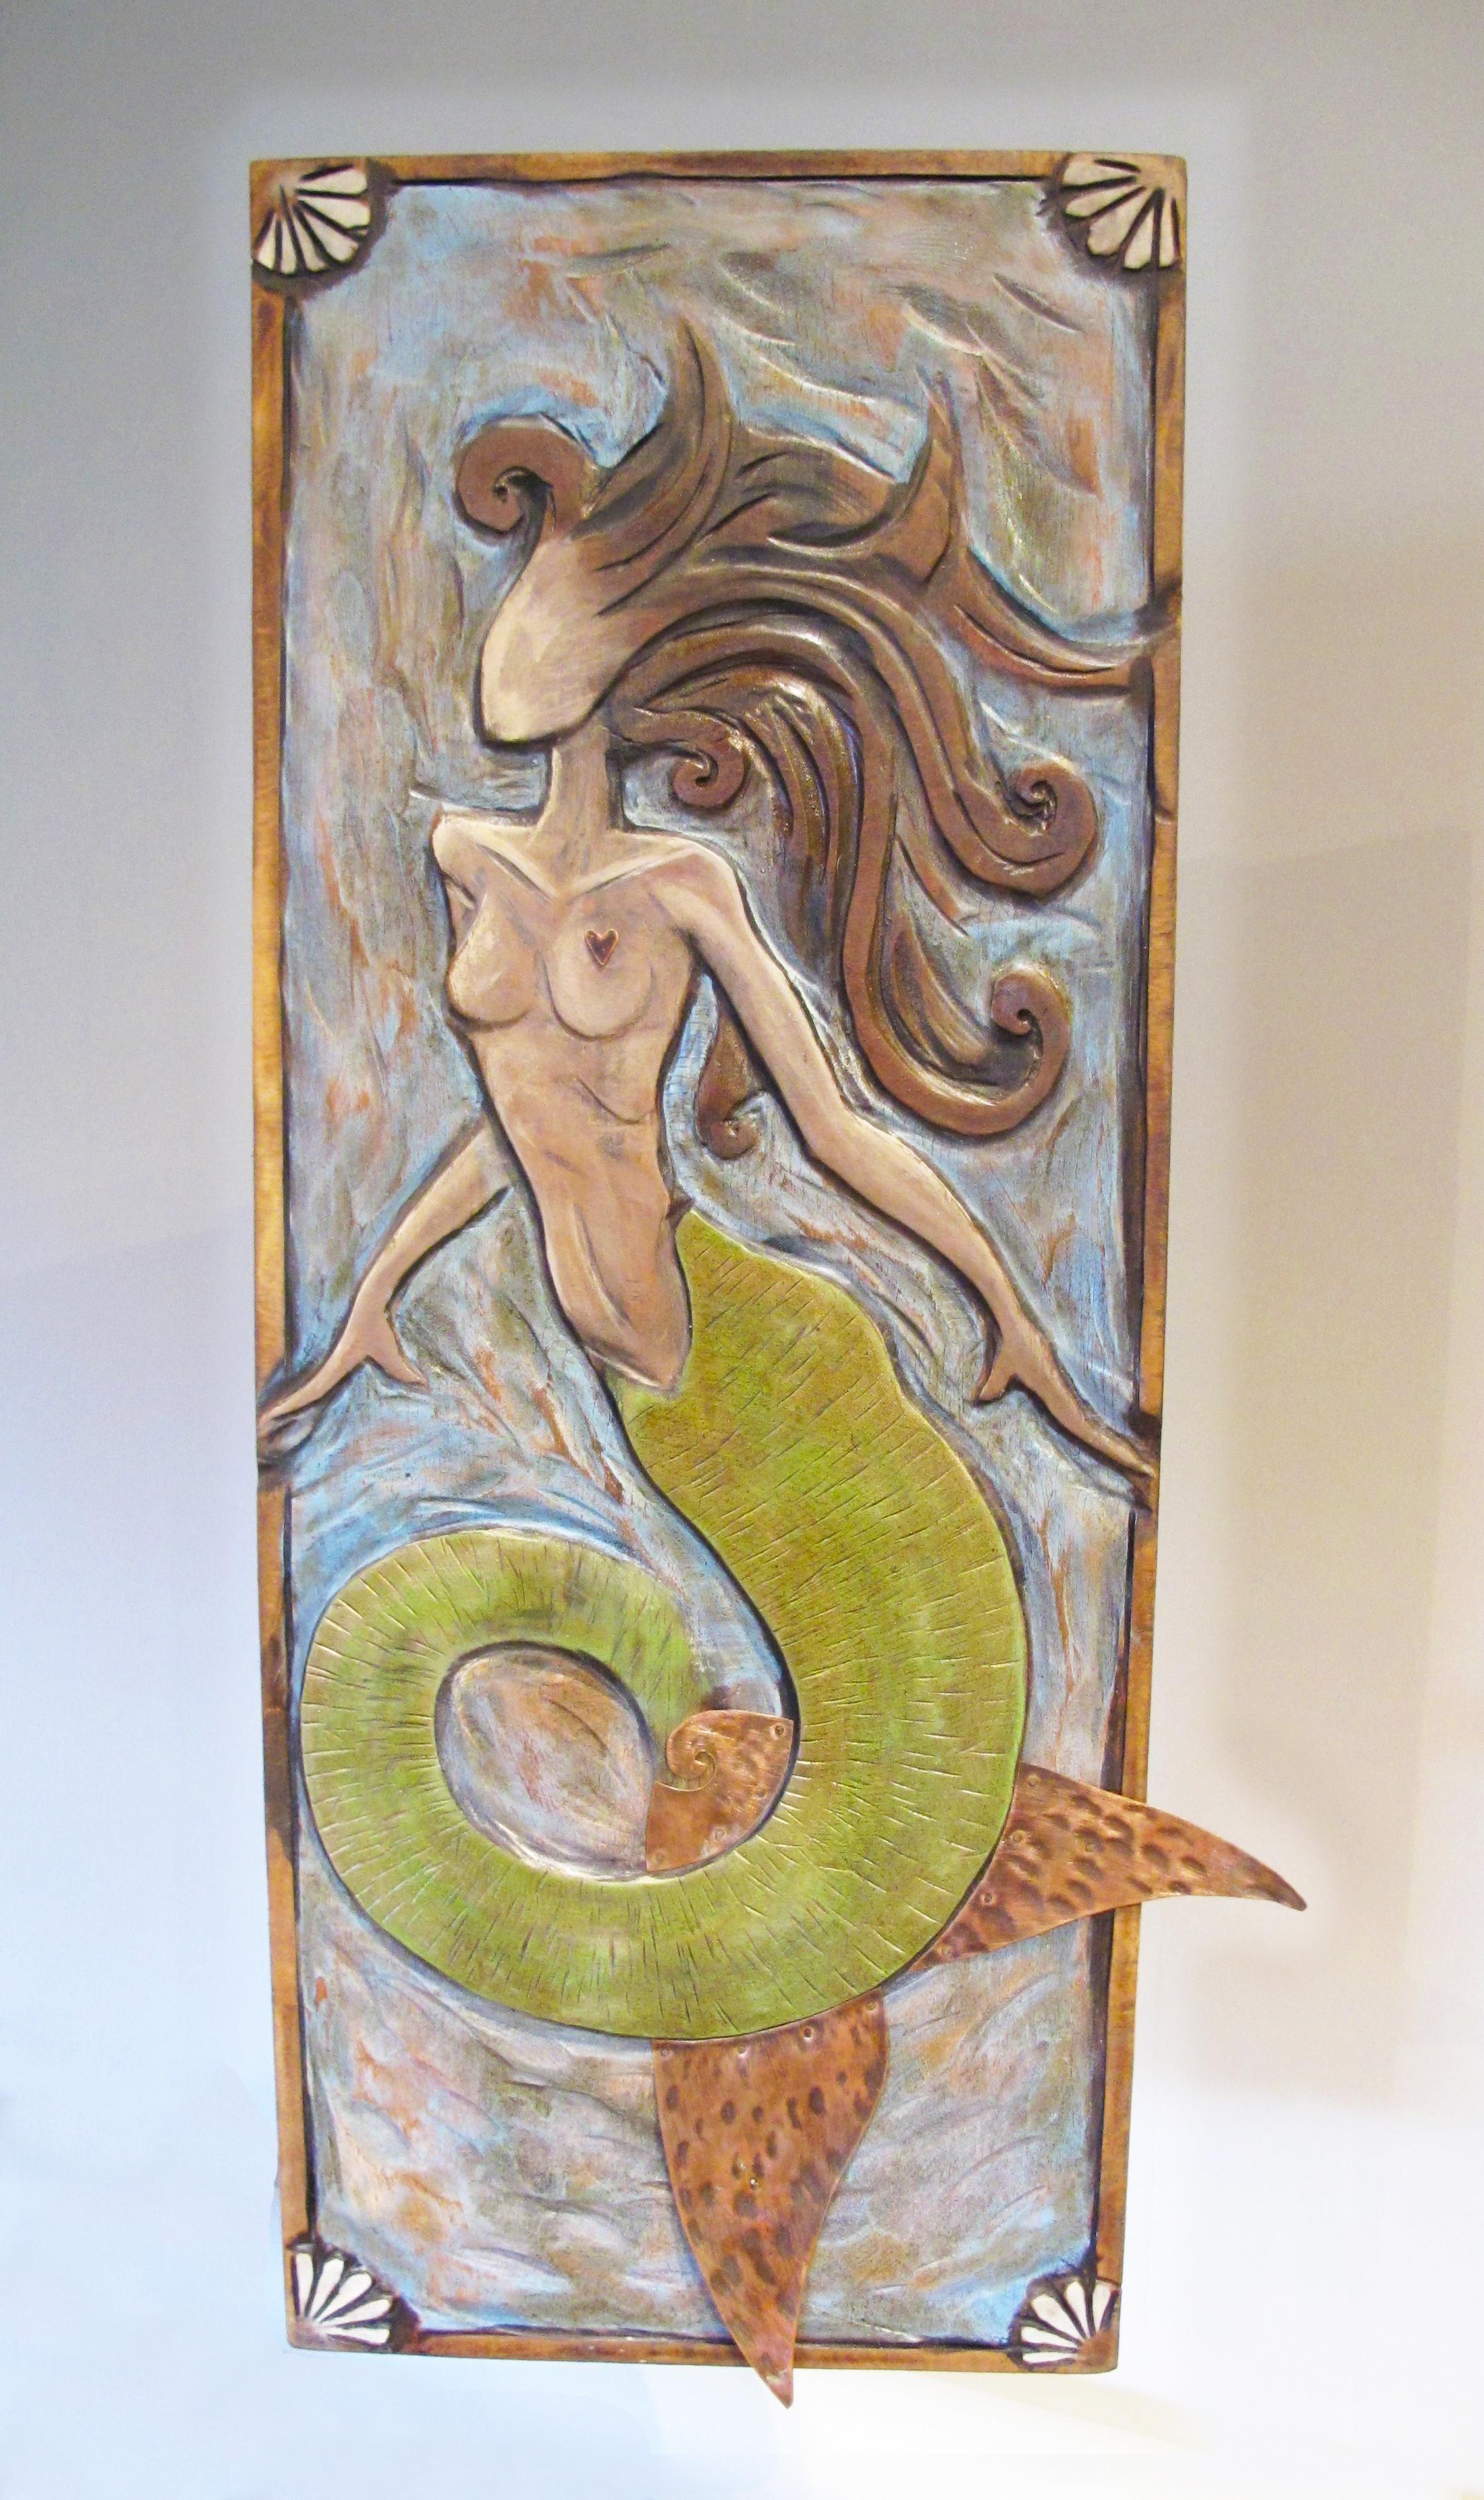 Mermaid8-2017.jpg